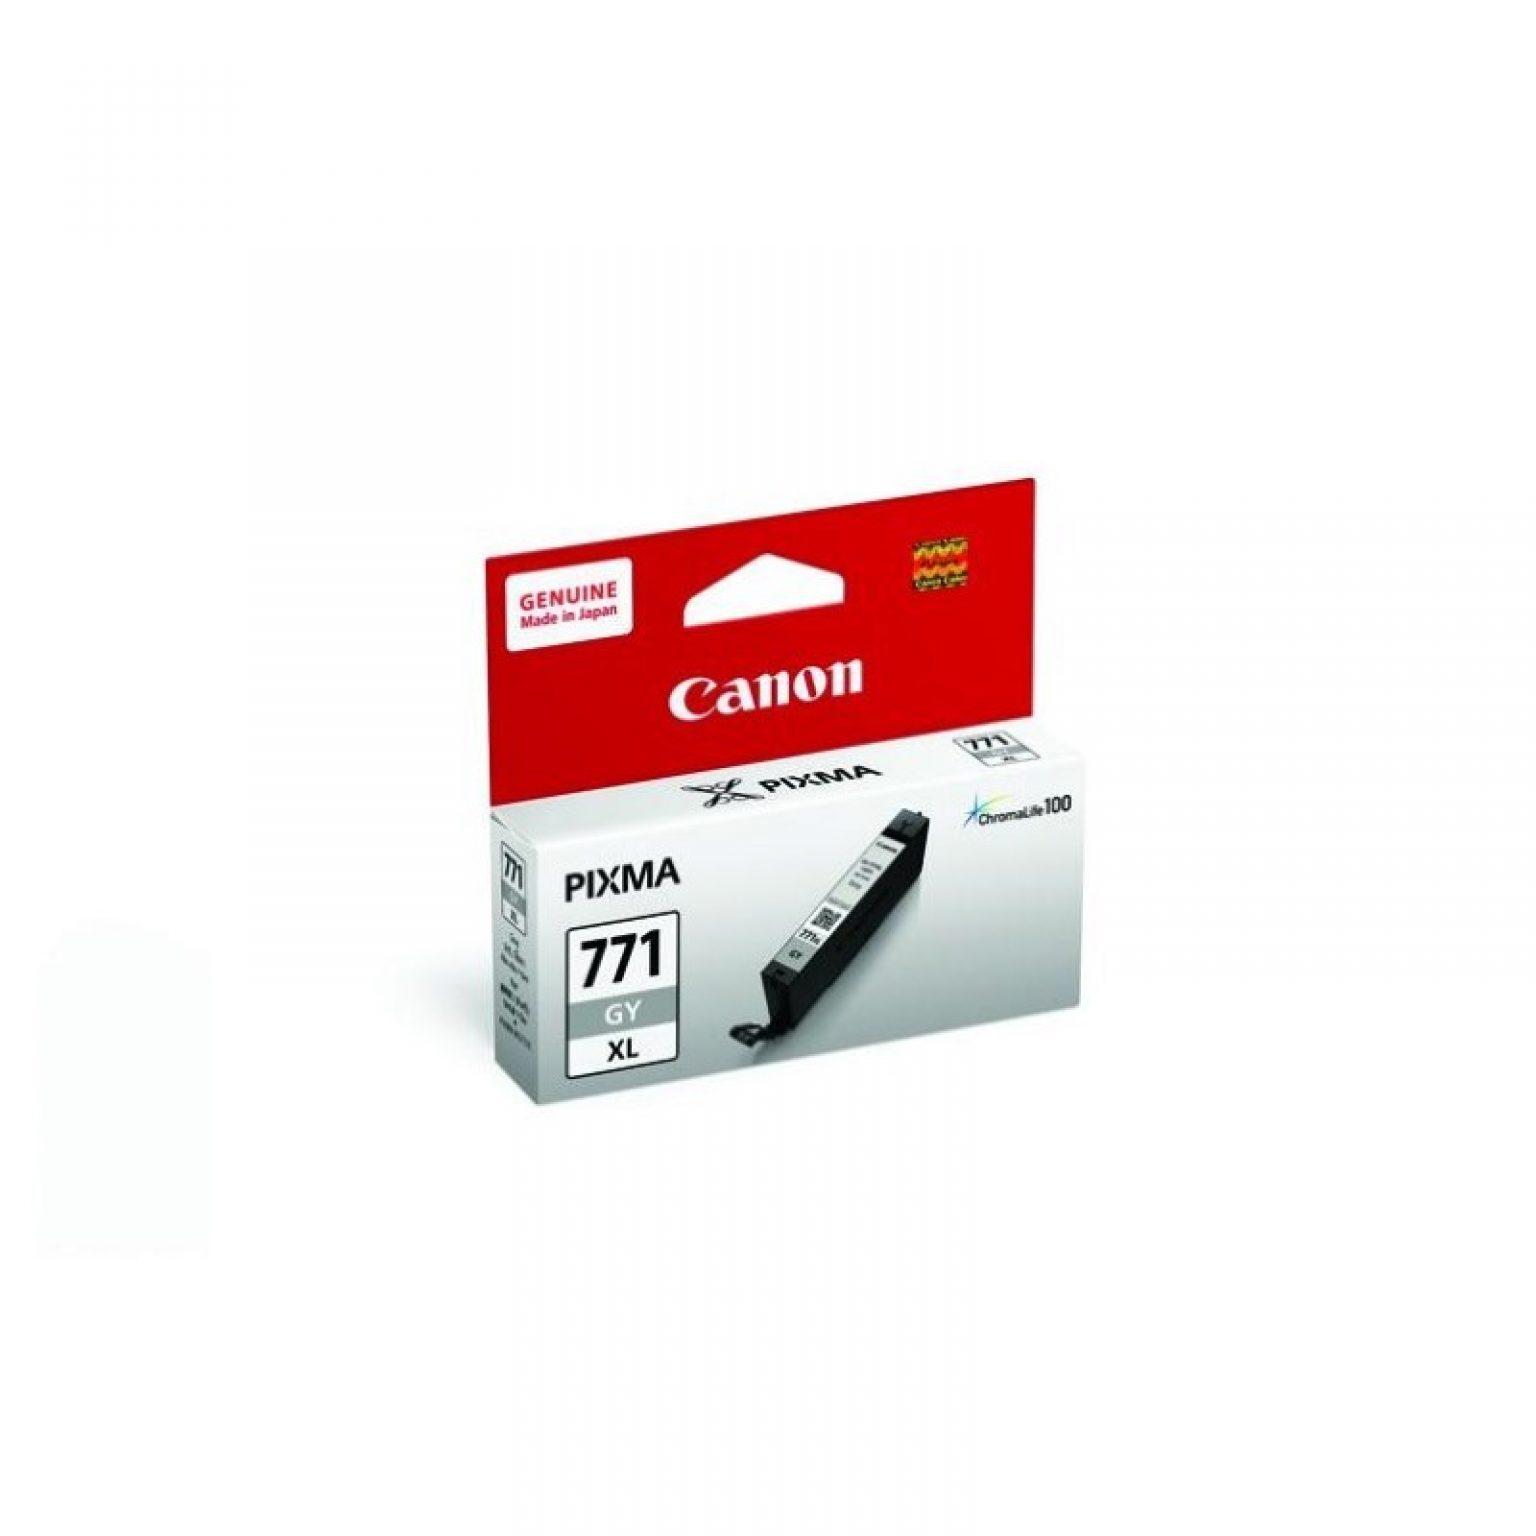 CANON - Ink Cartridge CLI-771 Grey XL [CLI771GY XL]